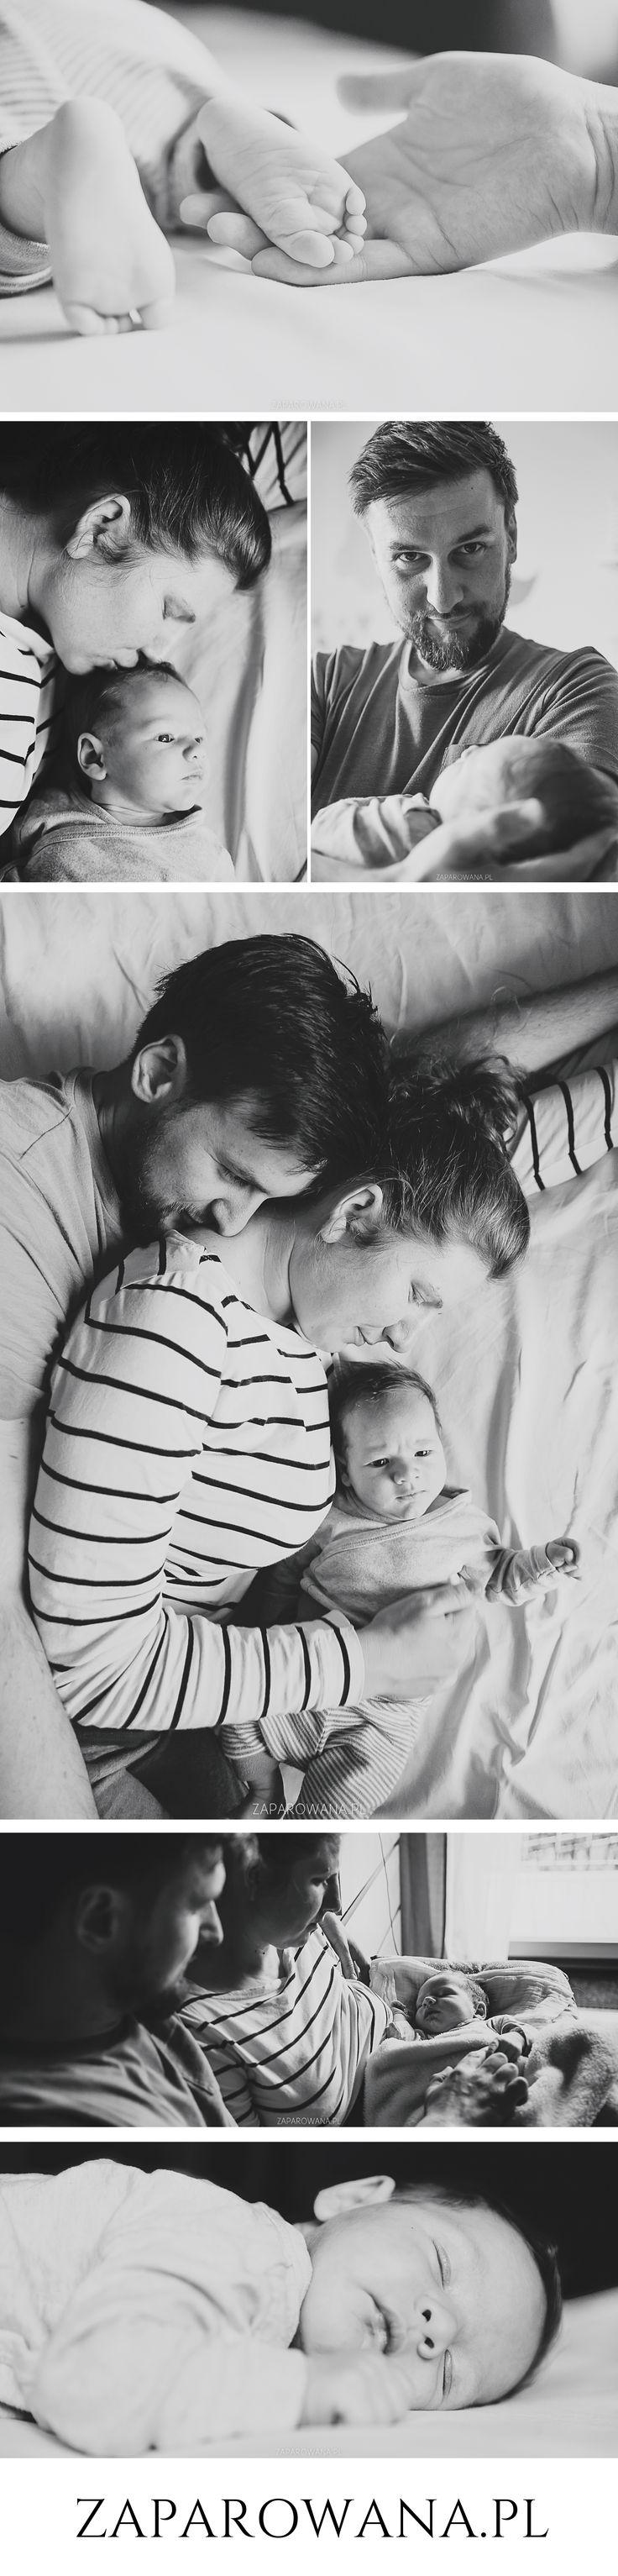 Newborn photo shoot Sesja noworodkowa  ZAPAROWANA.PL  https://www.zaparowana.pl/fotografia-dziecieca-warszawa-ignas/  #newbornphotography #newbornphotographer #newbornphotographers #newborns #baby #newbornpictures #newbornphotos #babyboy #fotografiarodzinna #fotografrodzinny  #niemowle #dziecko #fotografianoworodkowa #fotografiadziecieca #fotografiawarszawa #noworodek #fotografwarszawa